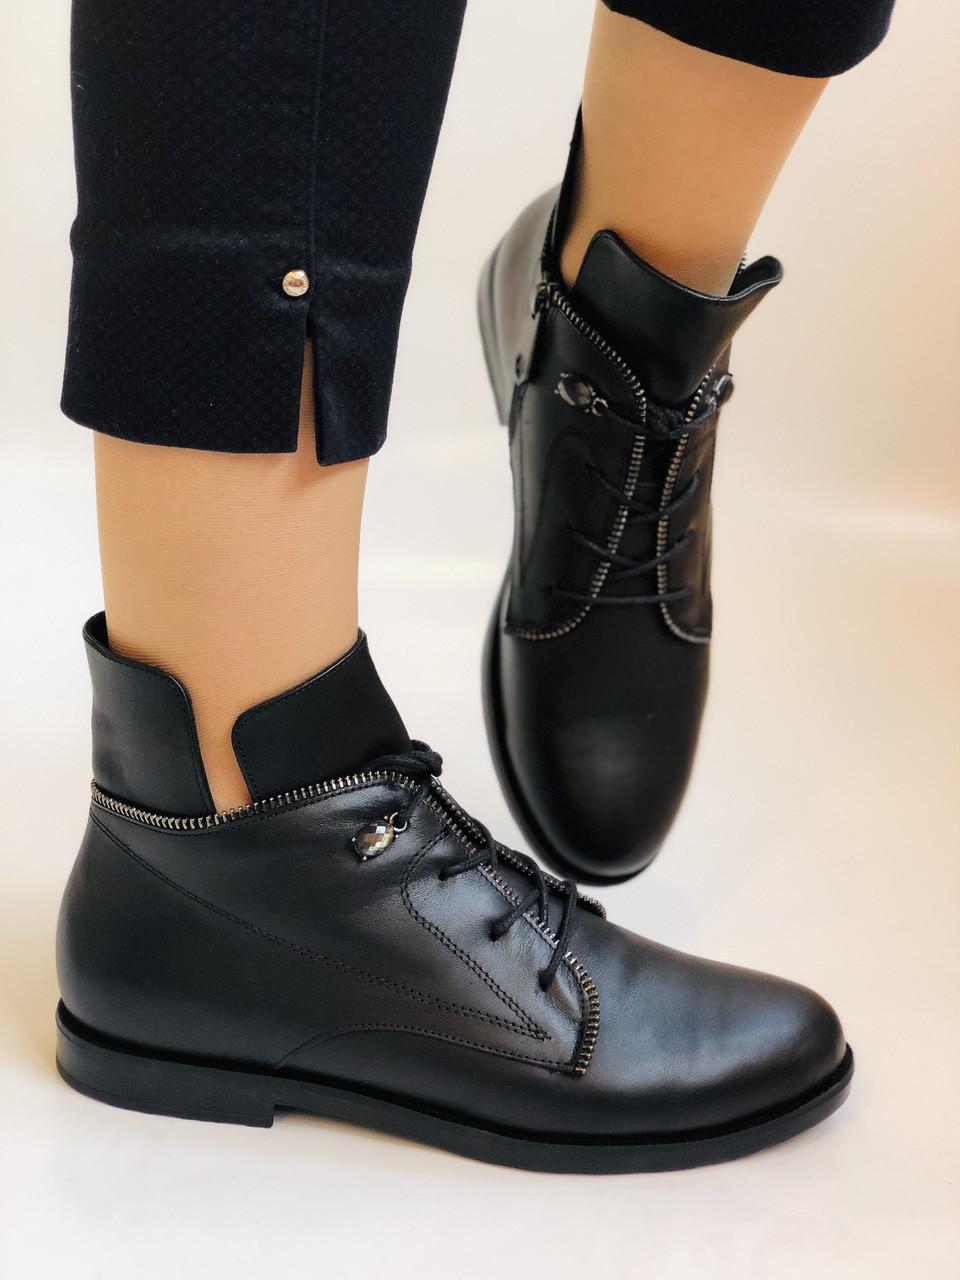 Alpino. Жіночі осінні черевики. На низькому каблуці. Натуральна шкіра.Alpino. Р. 37 -38 .Vellena